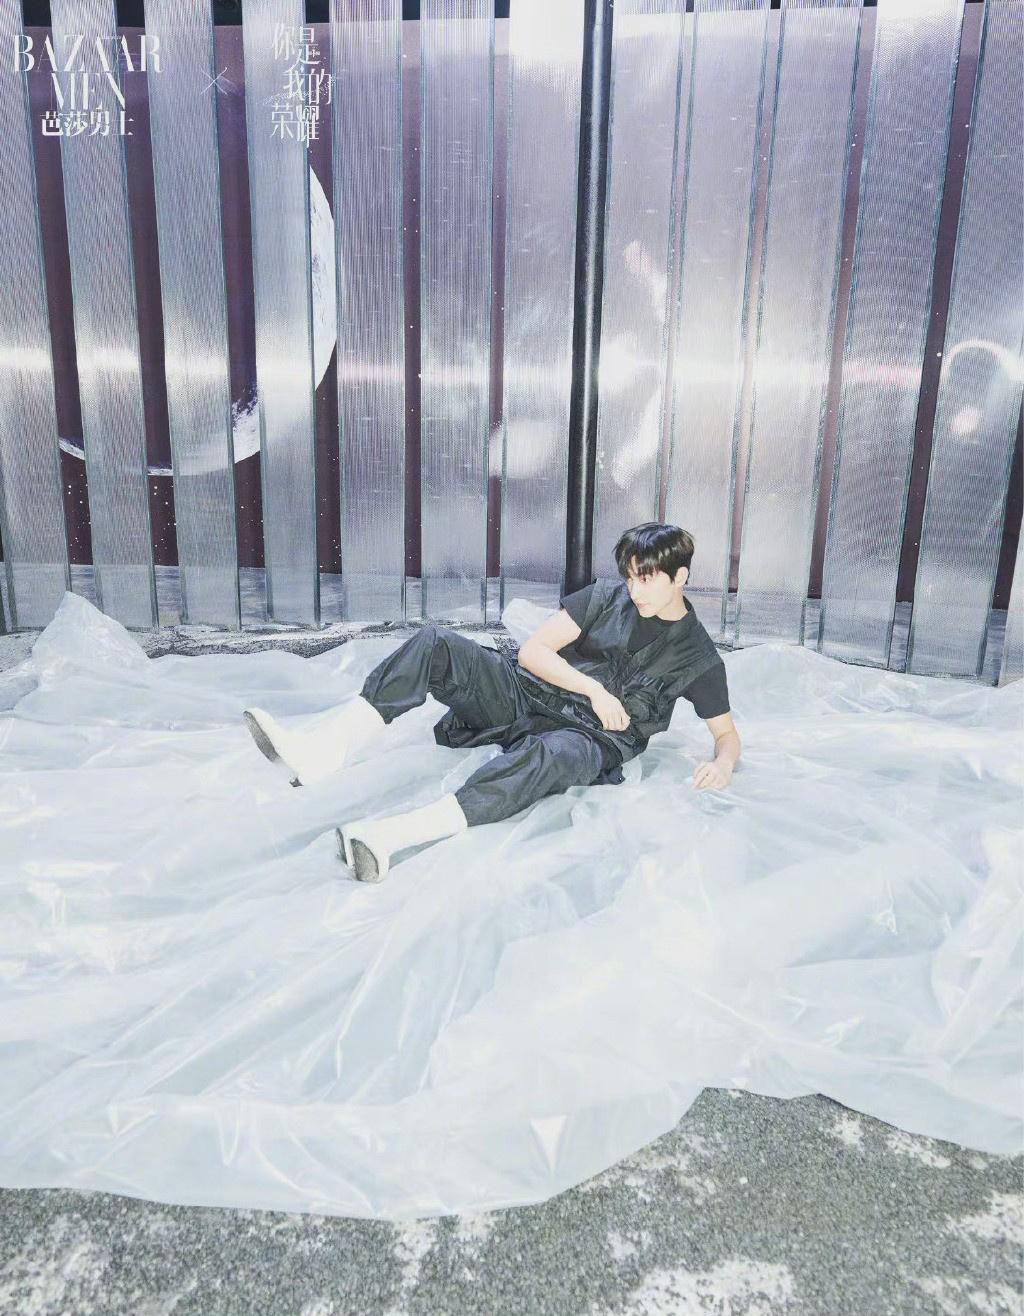 《【杏鑫平台主管】杨洋发布黑白光影封面大片 冷冽有型展帅气姿态》